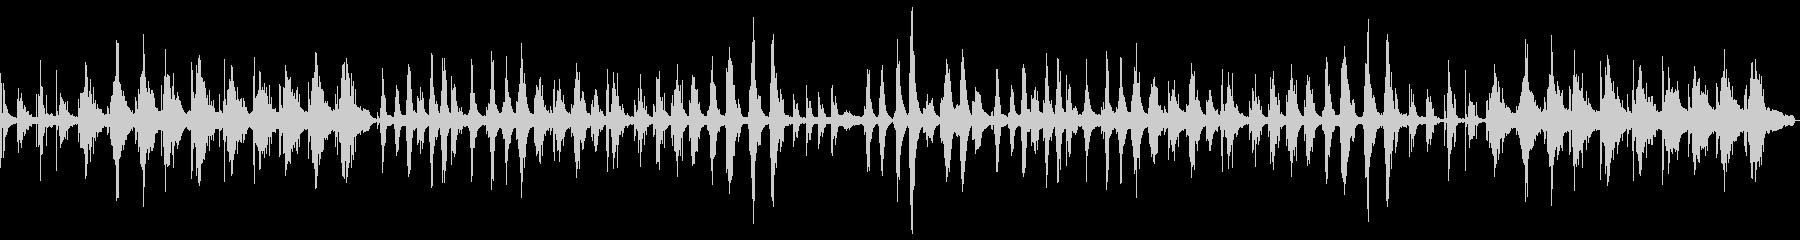 優しさ溢れるピアノ主体のサウンドスケープの未再生の波形